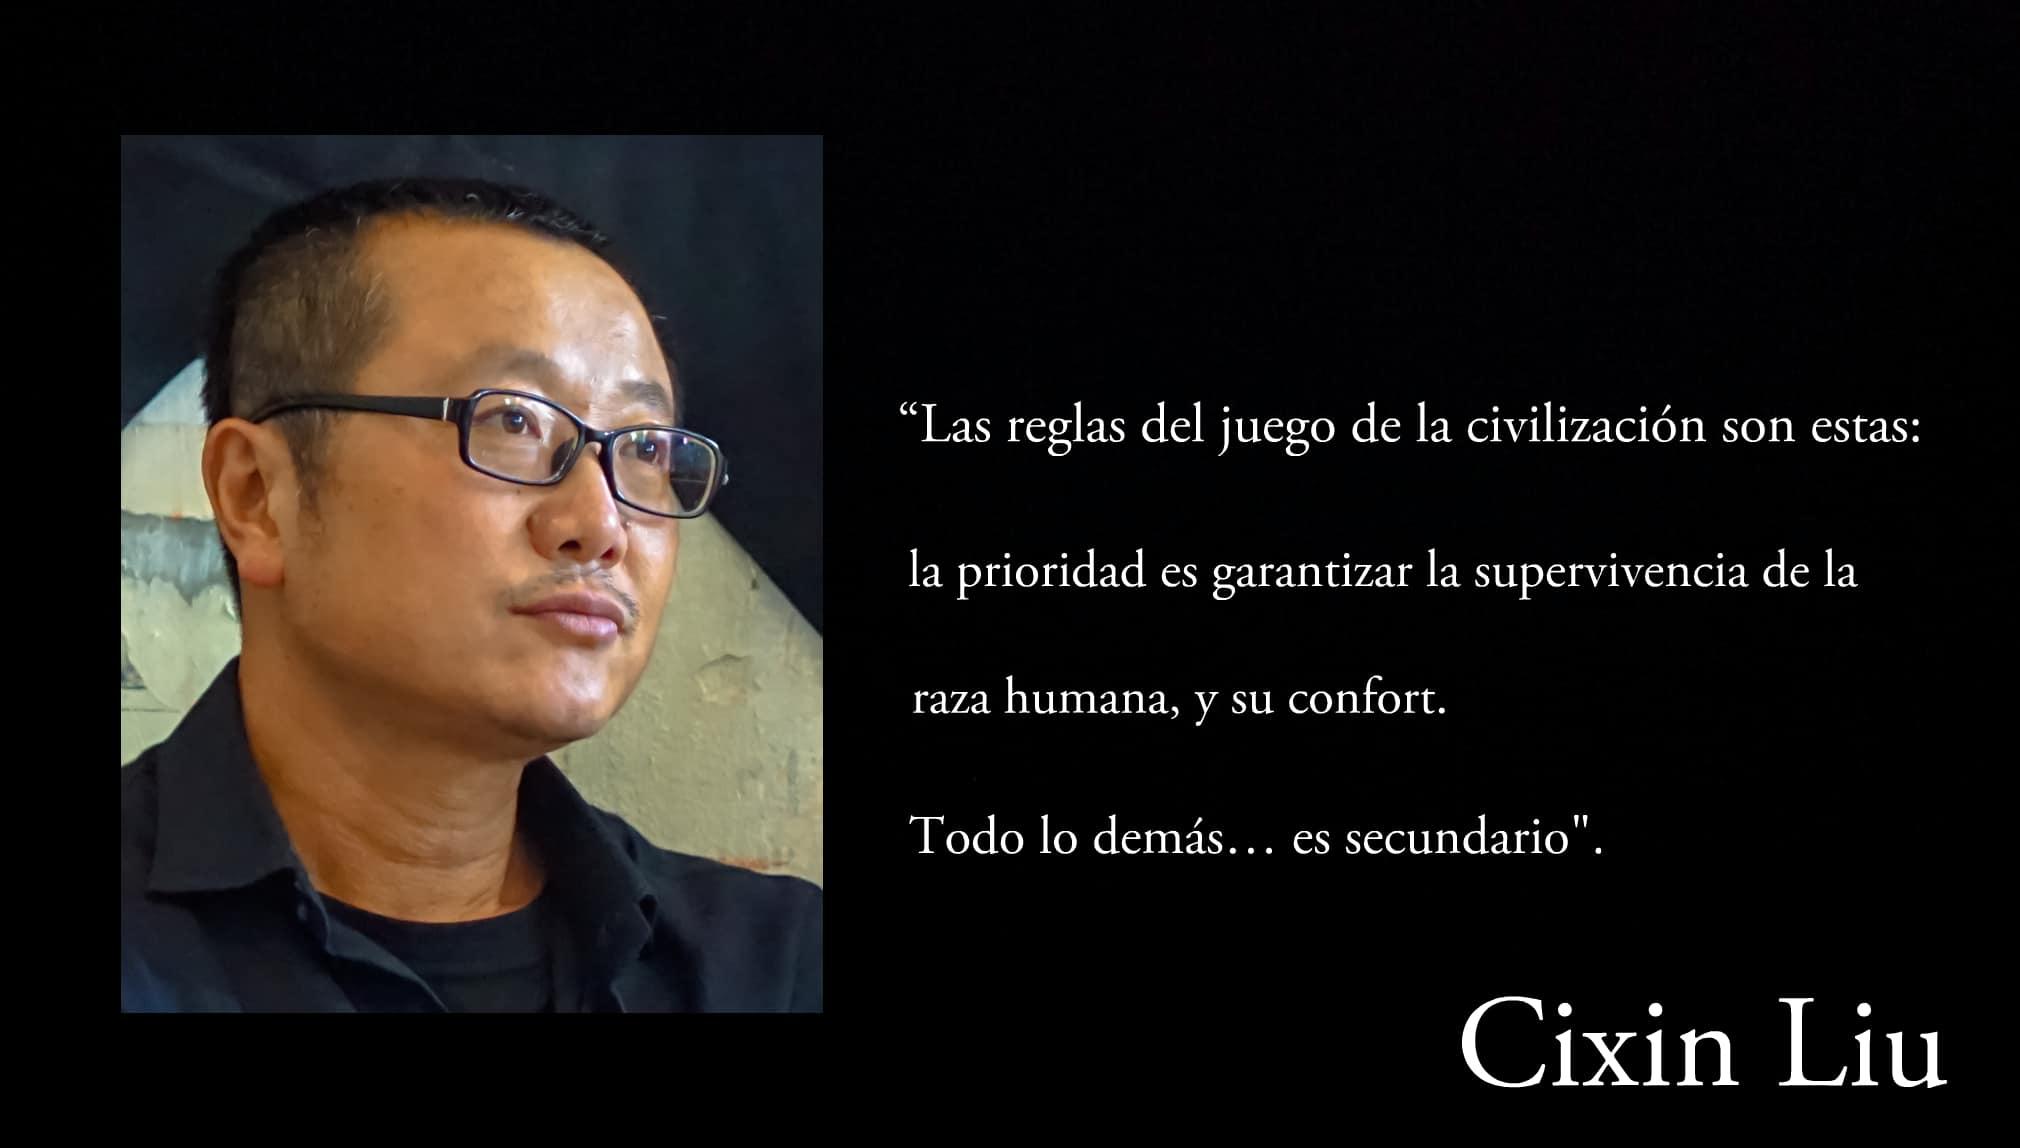 Frase de Cixin Liu.